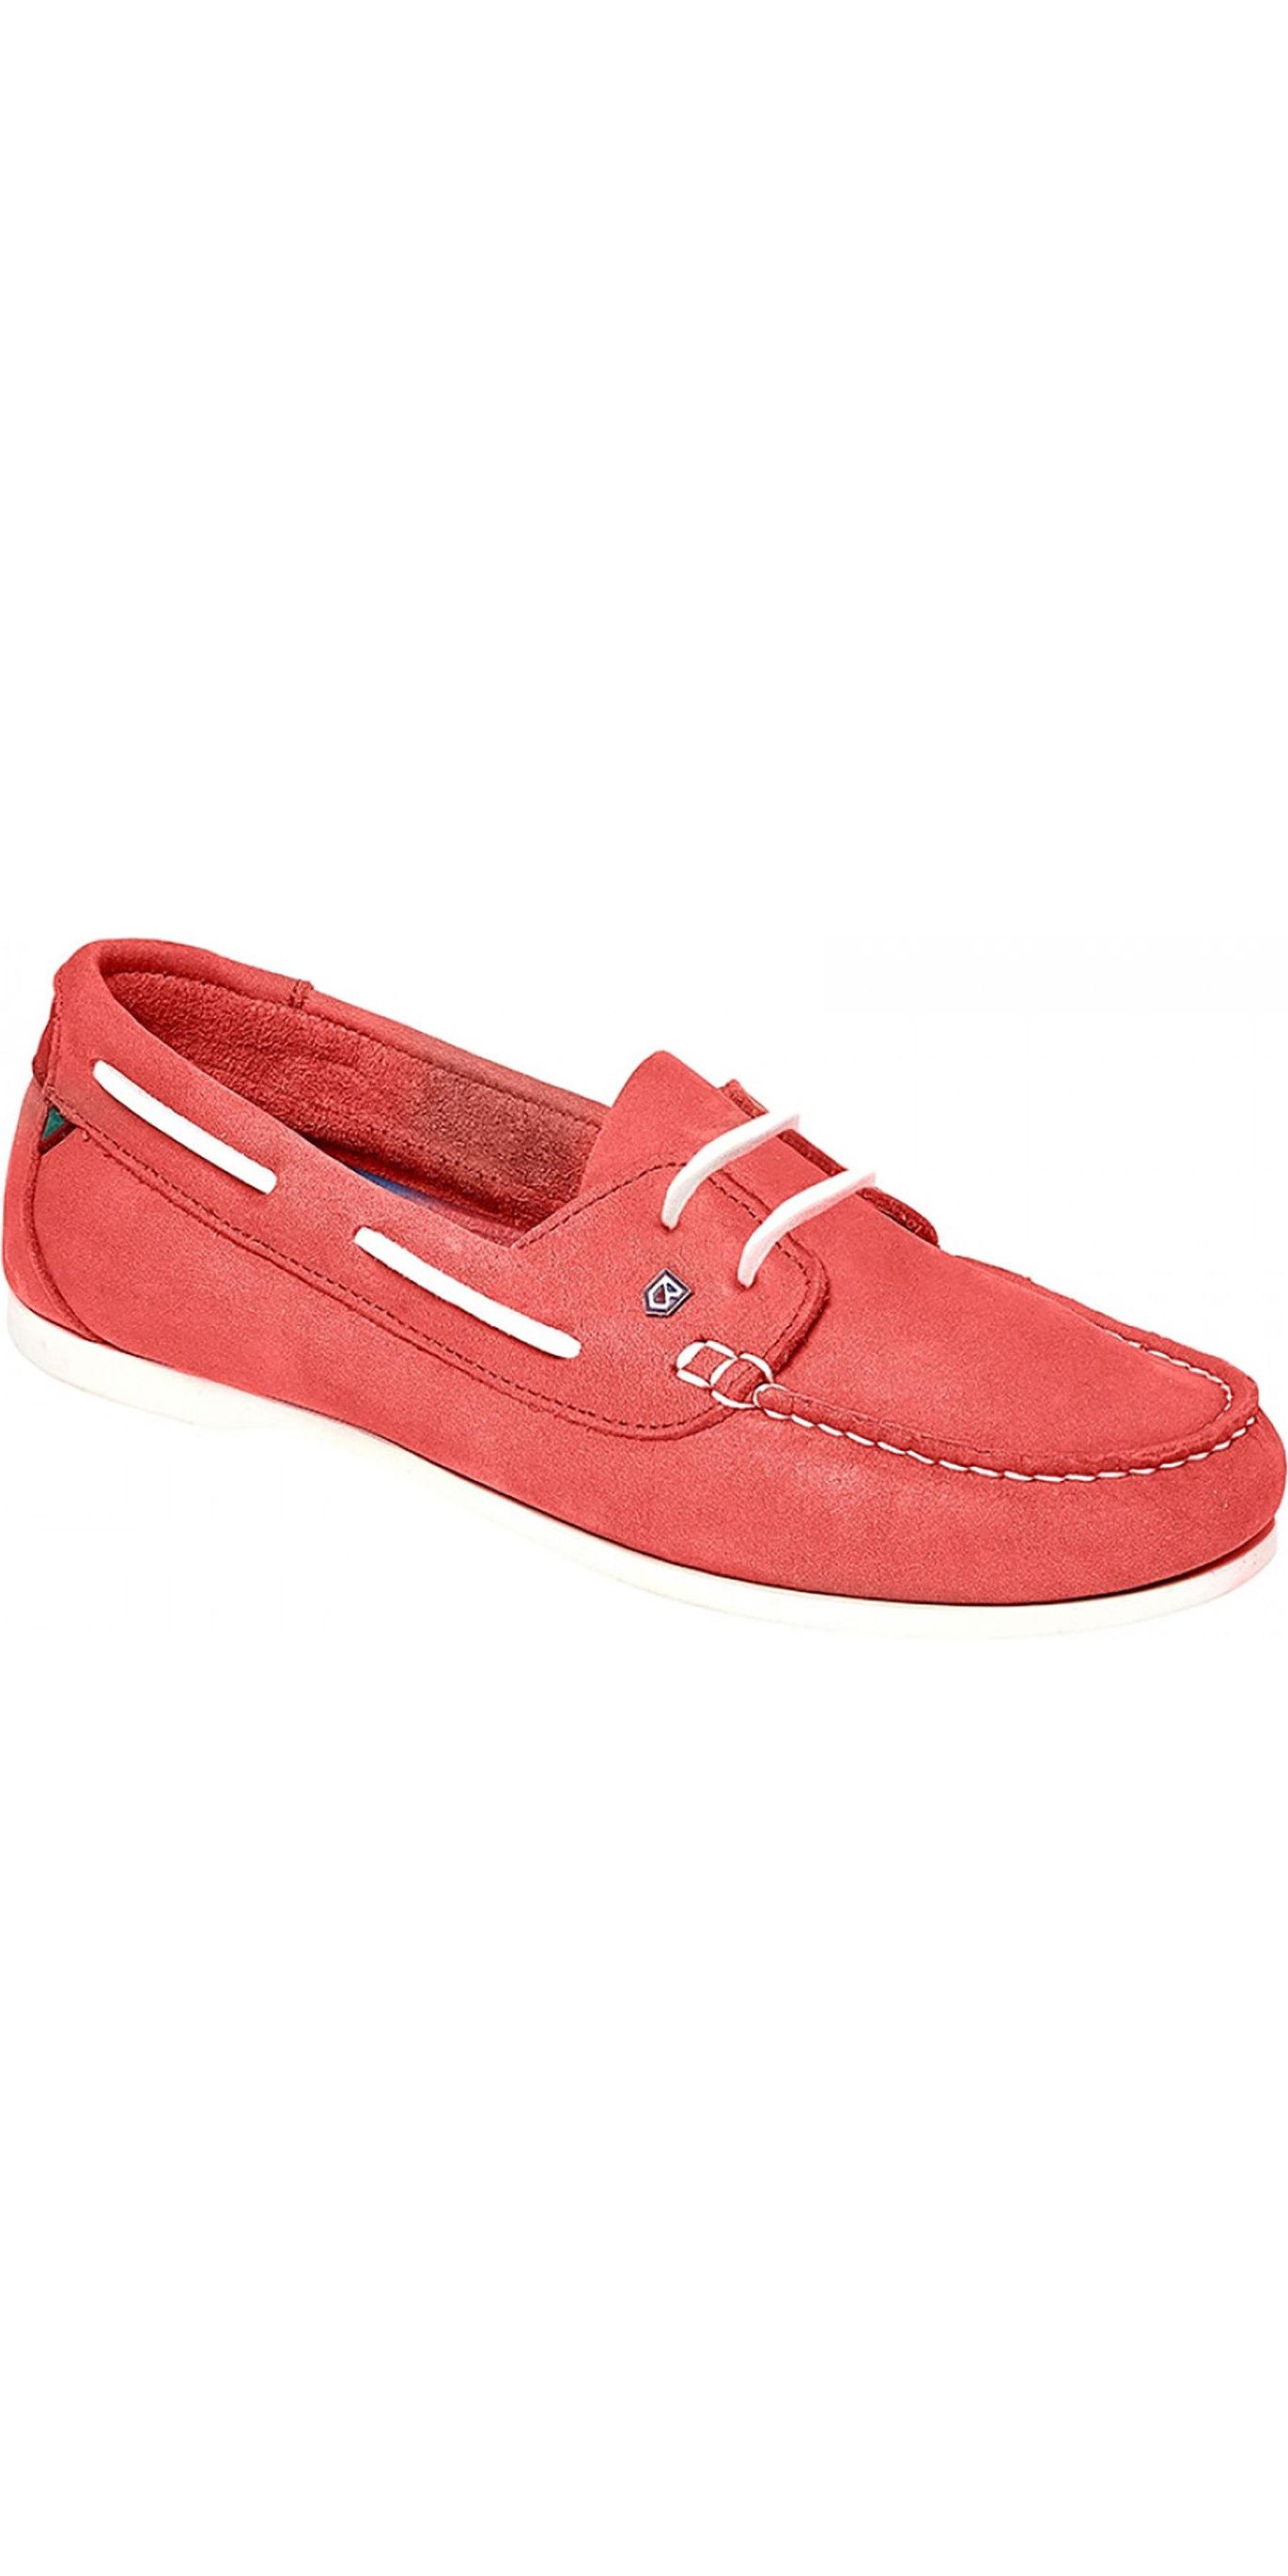 2019 Dubarry Aruba Deck Shoes Coral 3739